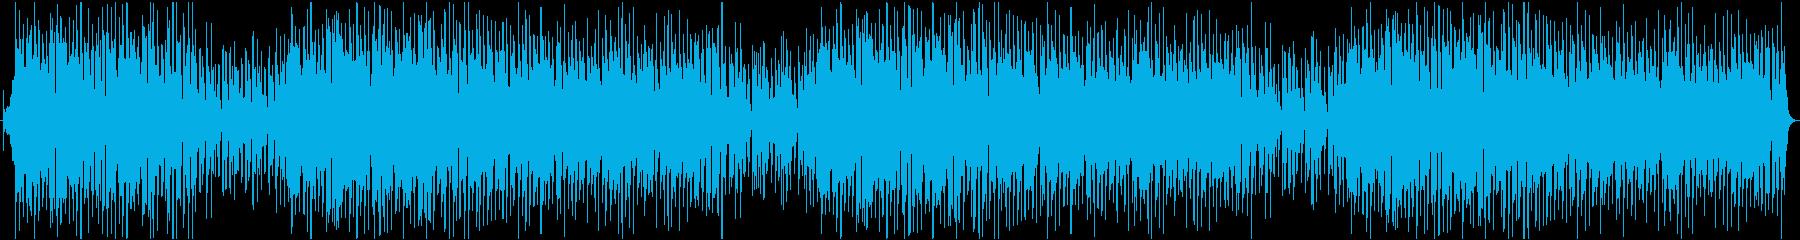 民族楽器、3拍子の明るく軽快なBGMの再生済みの波形